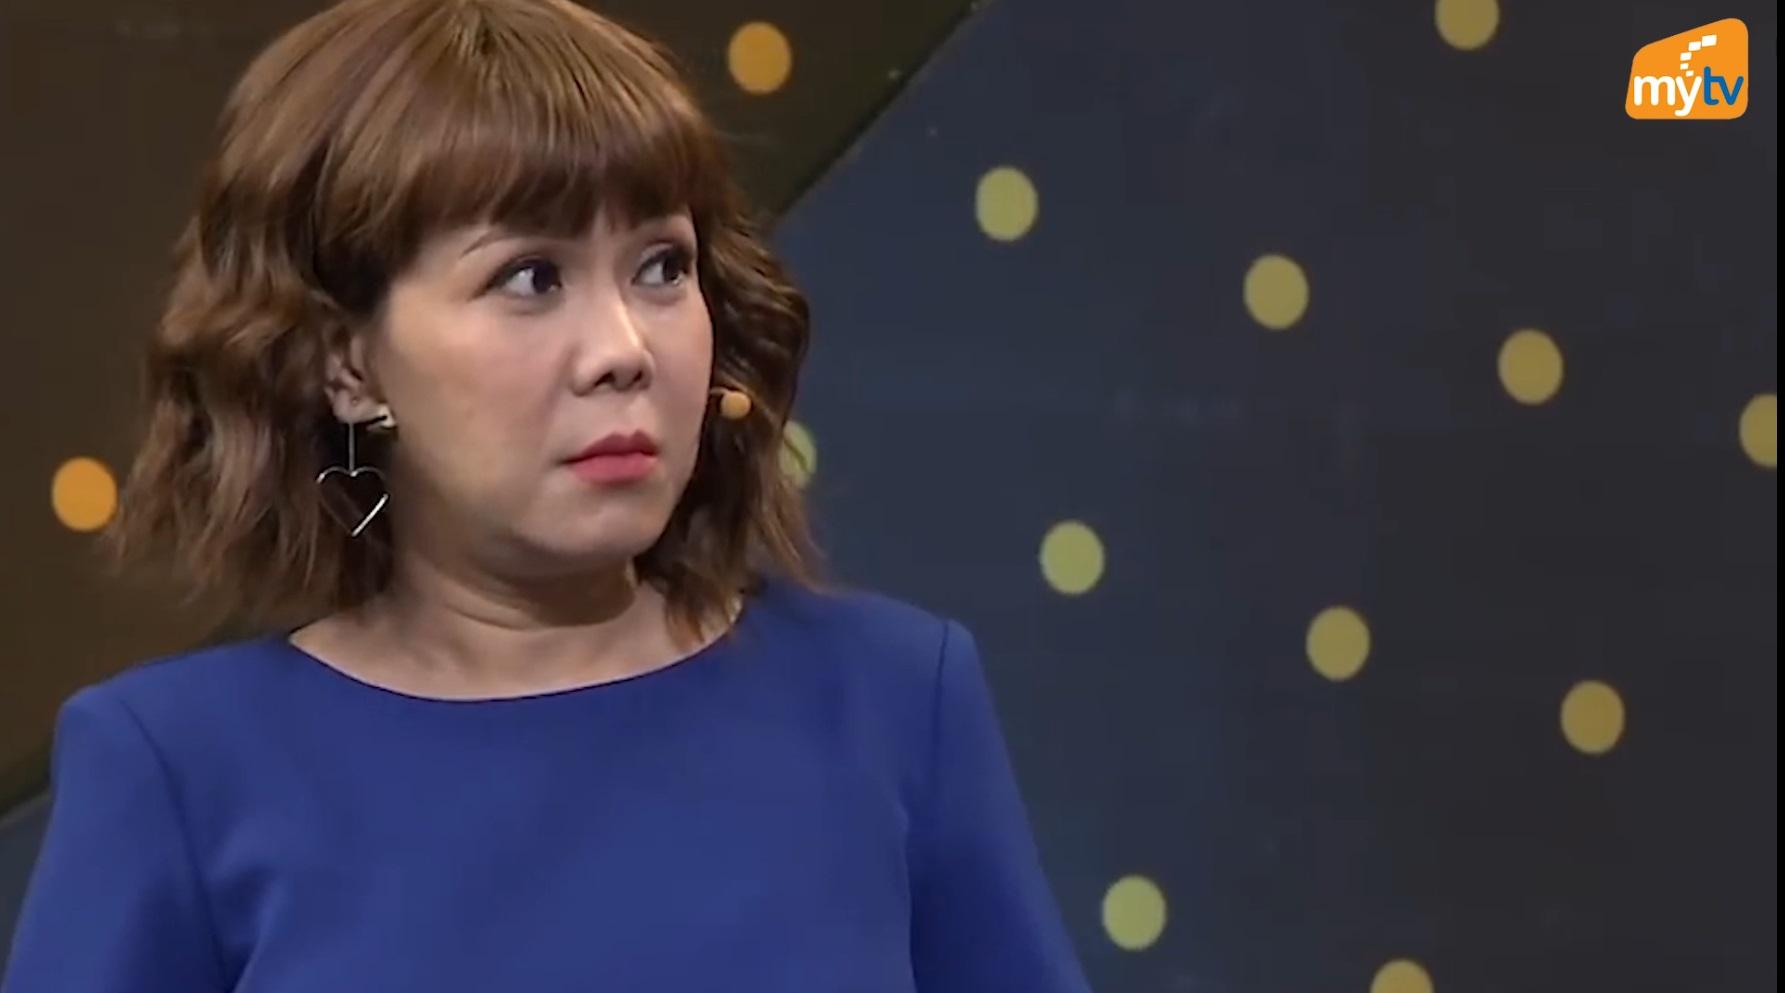 Việt Hương chia sẻ bí kiếp vàng trong cuộc sống